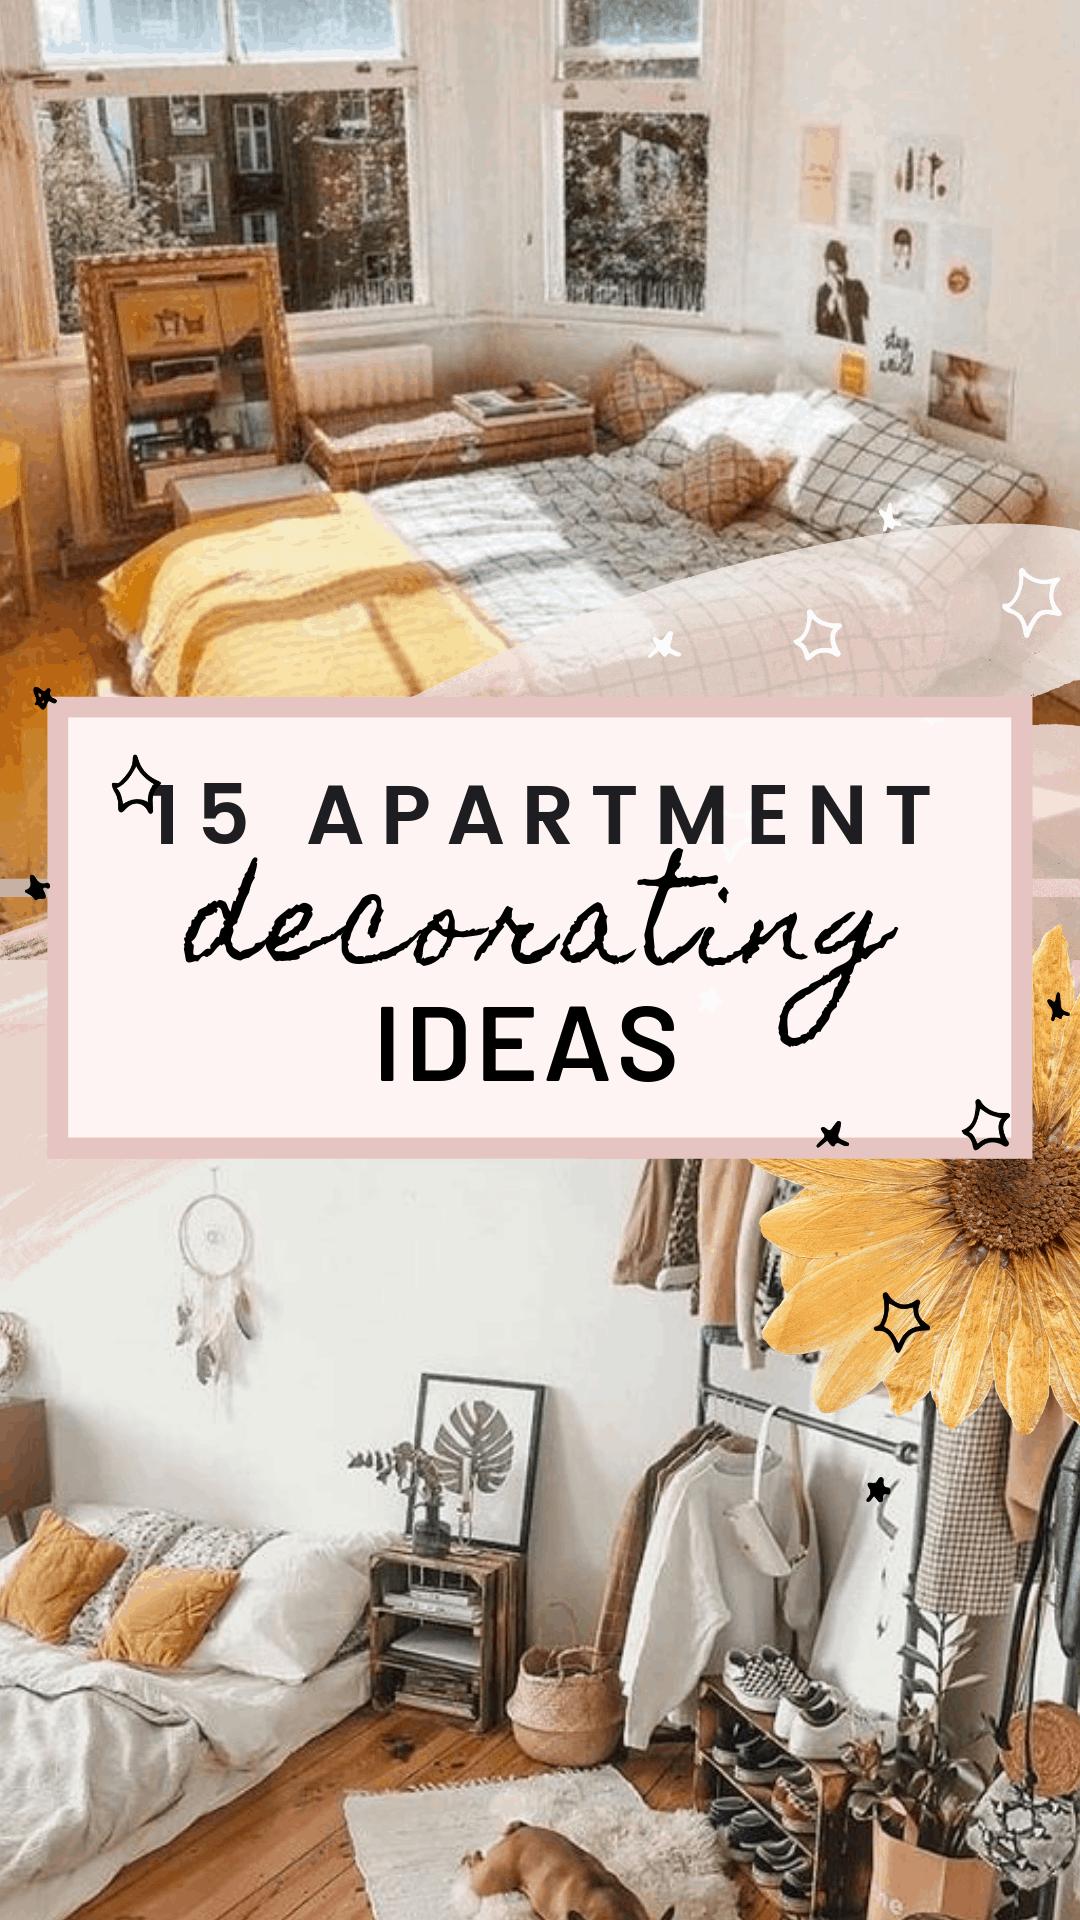 15 Cozy Apartment Decorating Ideas